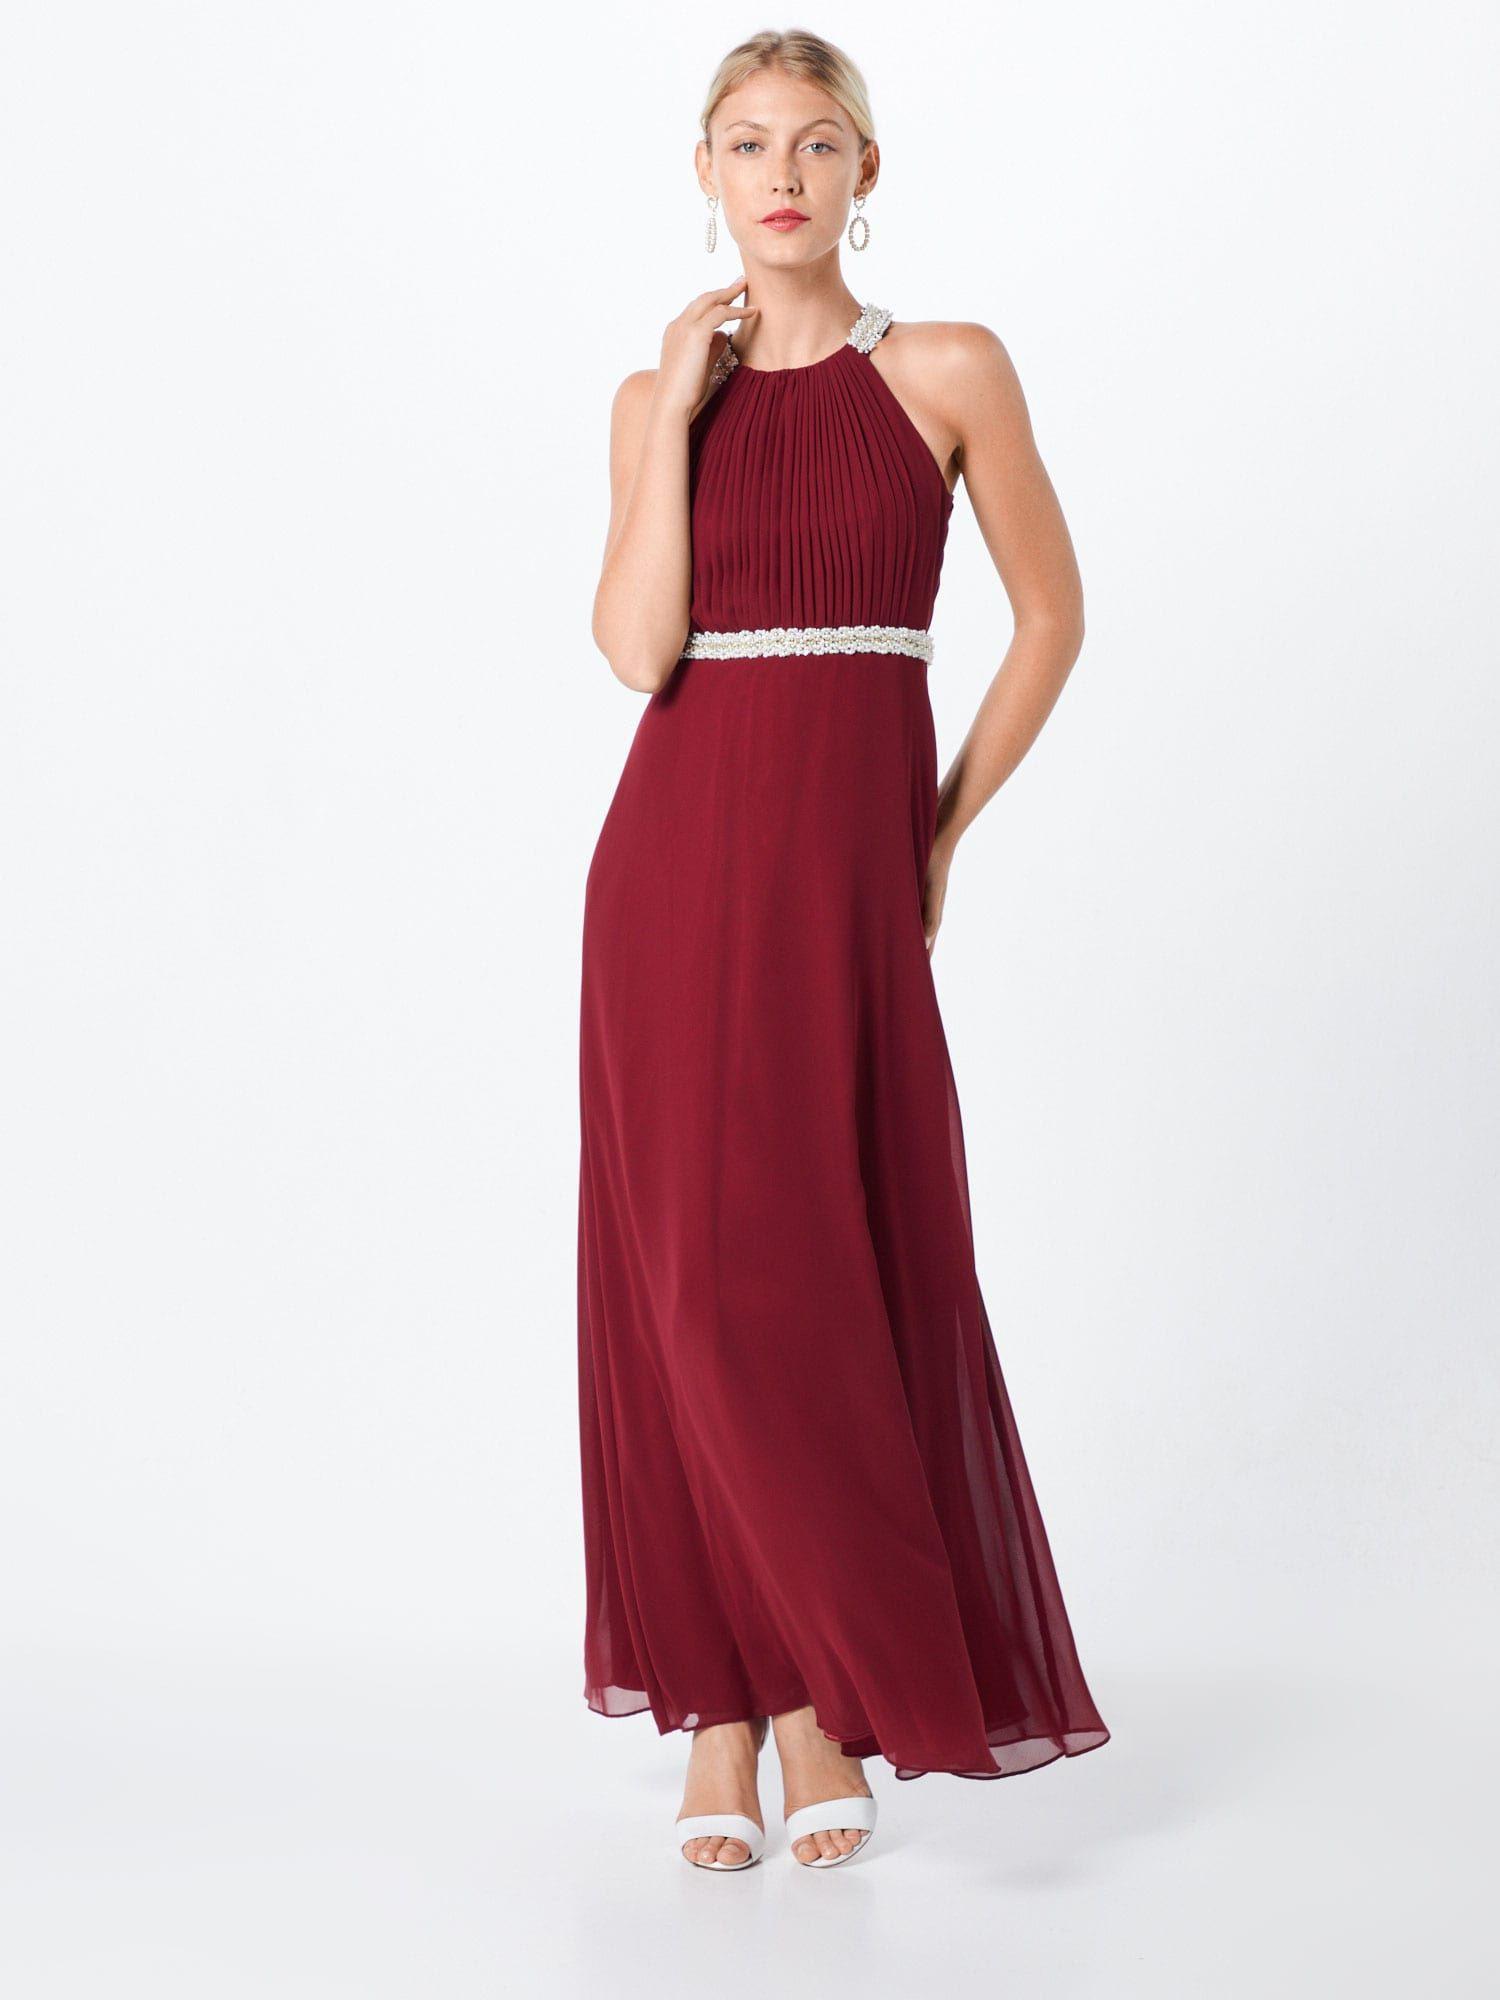 Vm Vera Mont Kleid Damen, Burgunder, Größe 20  Kleider - Abendkleid